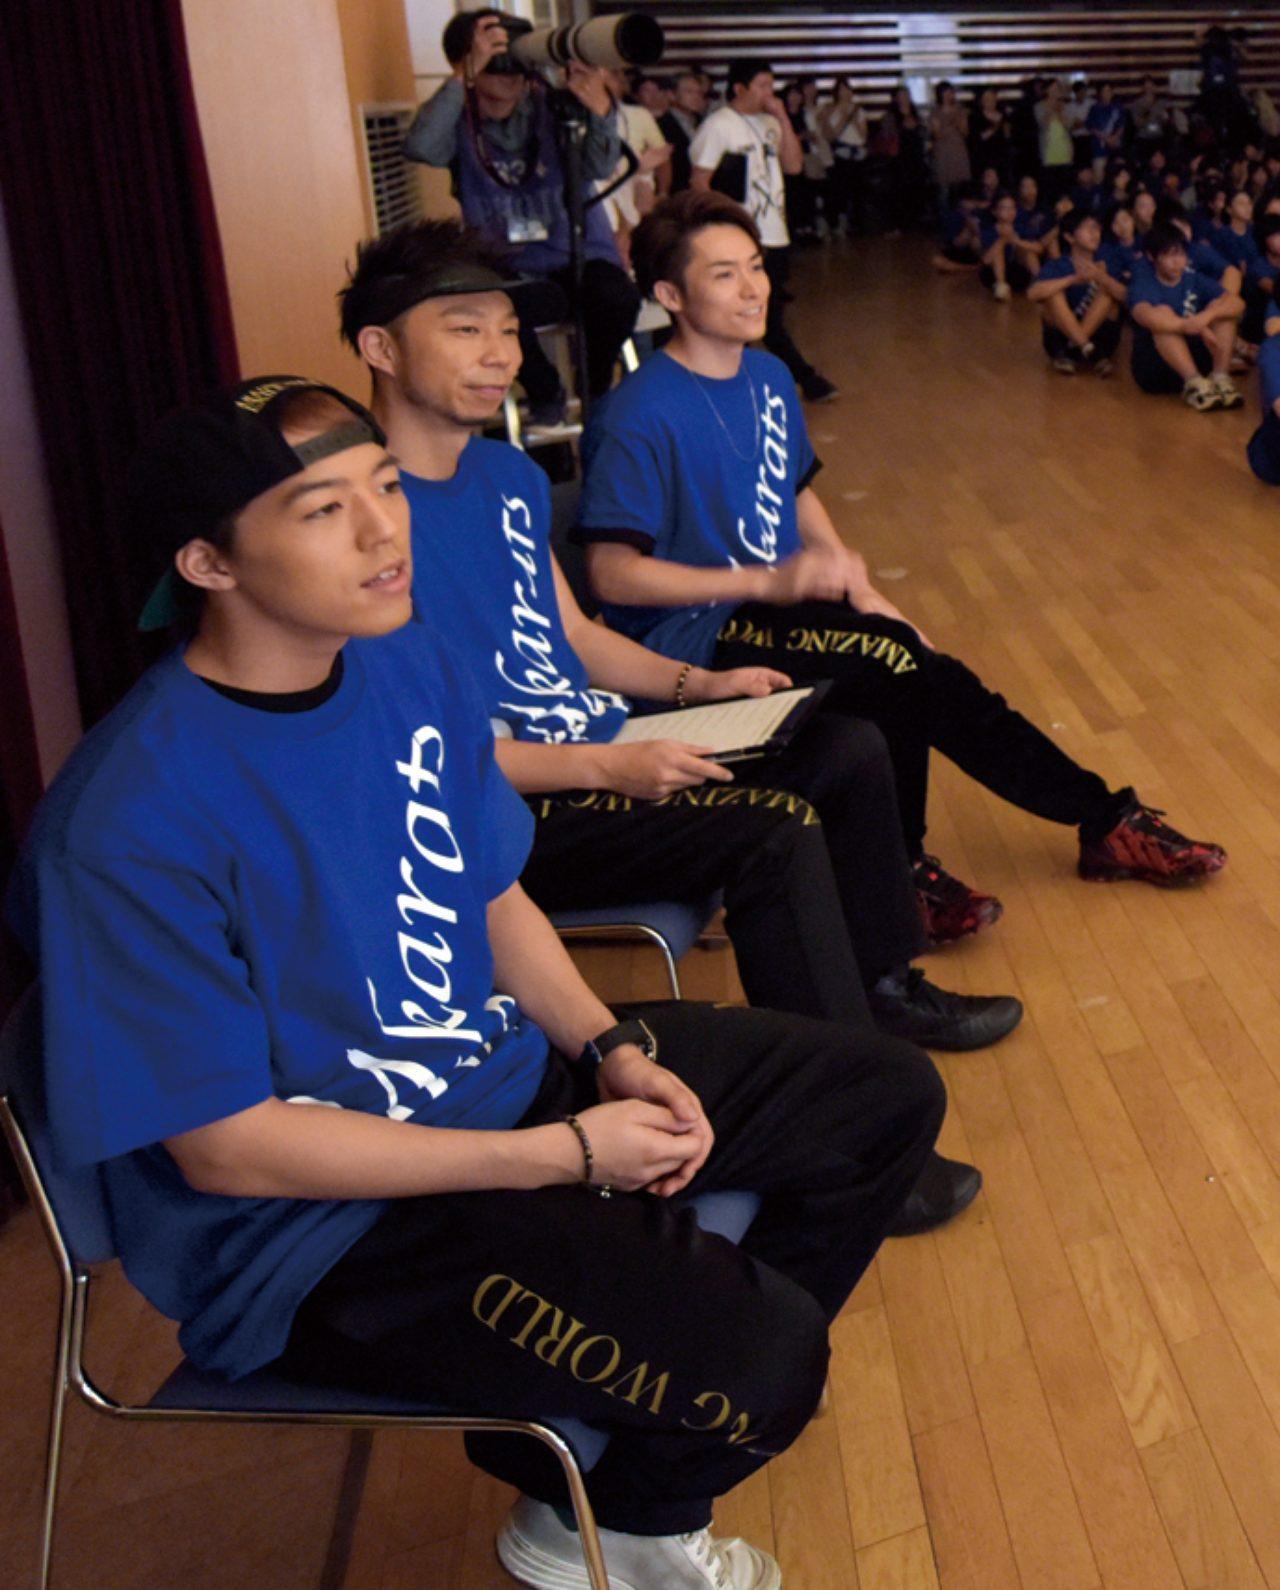 画像2: 中学生Rising Sun Project 各校発表会にはサプライズでEXILEのメンバーが!